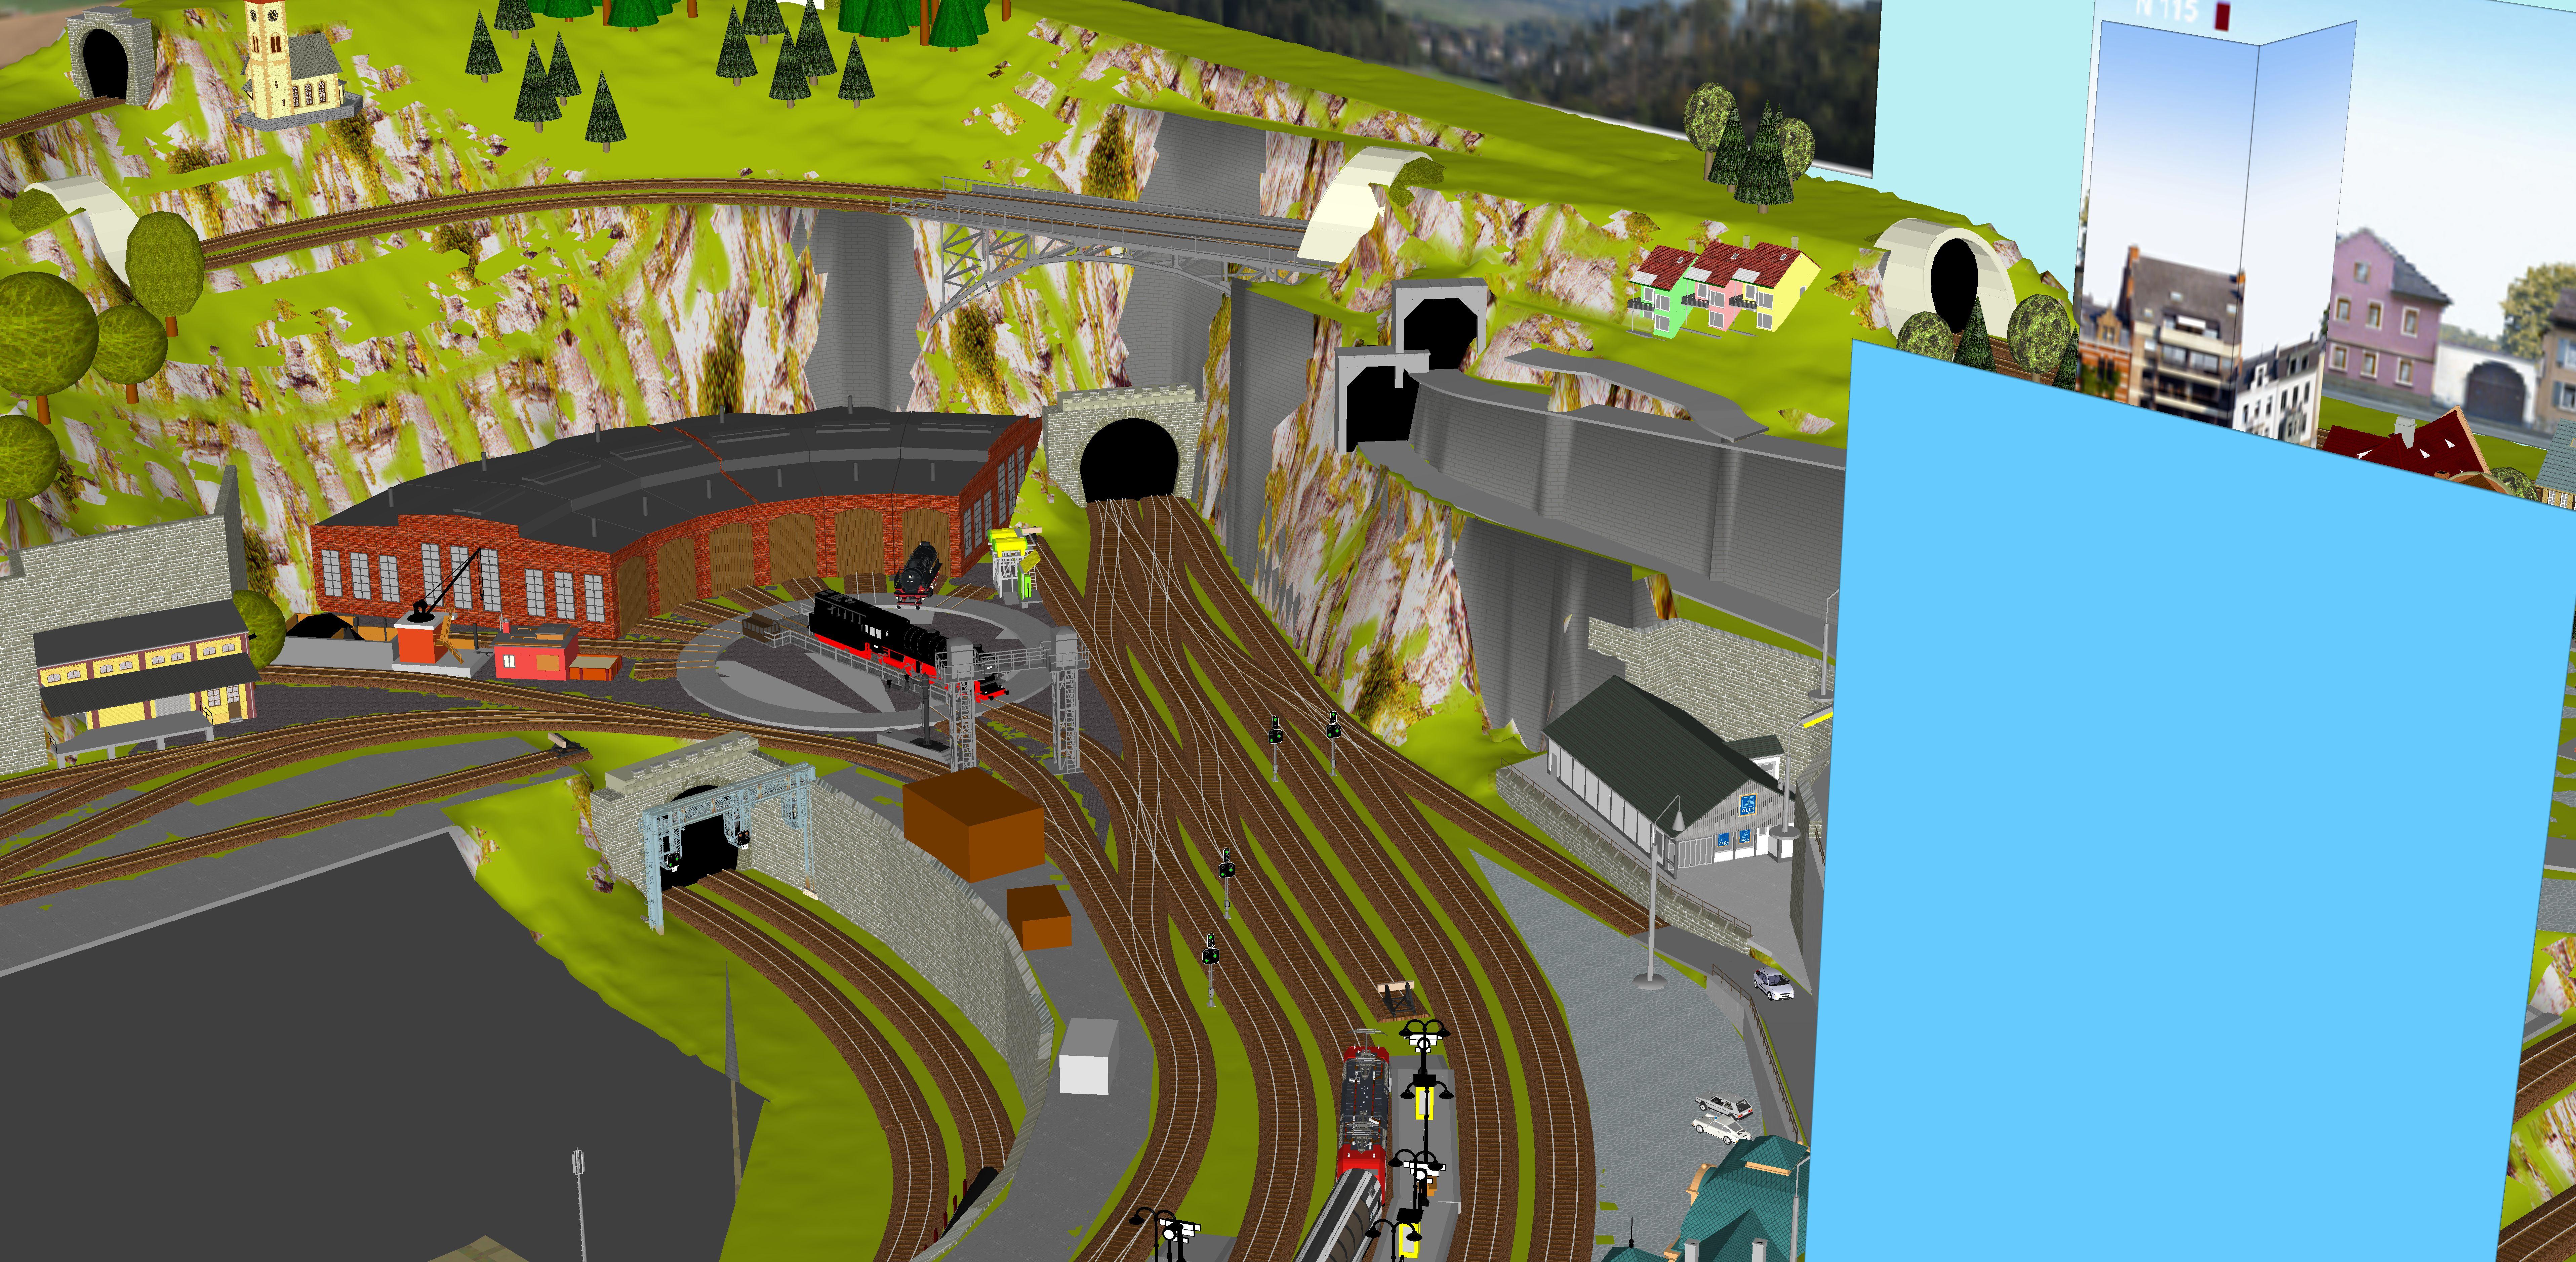 20160429_oberstadt_bw_strassentunnel